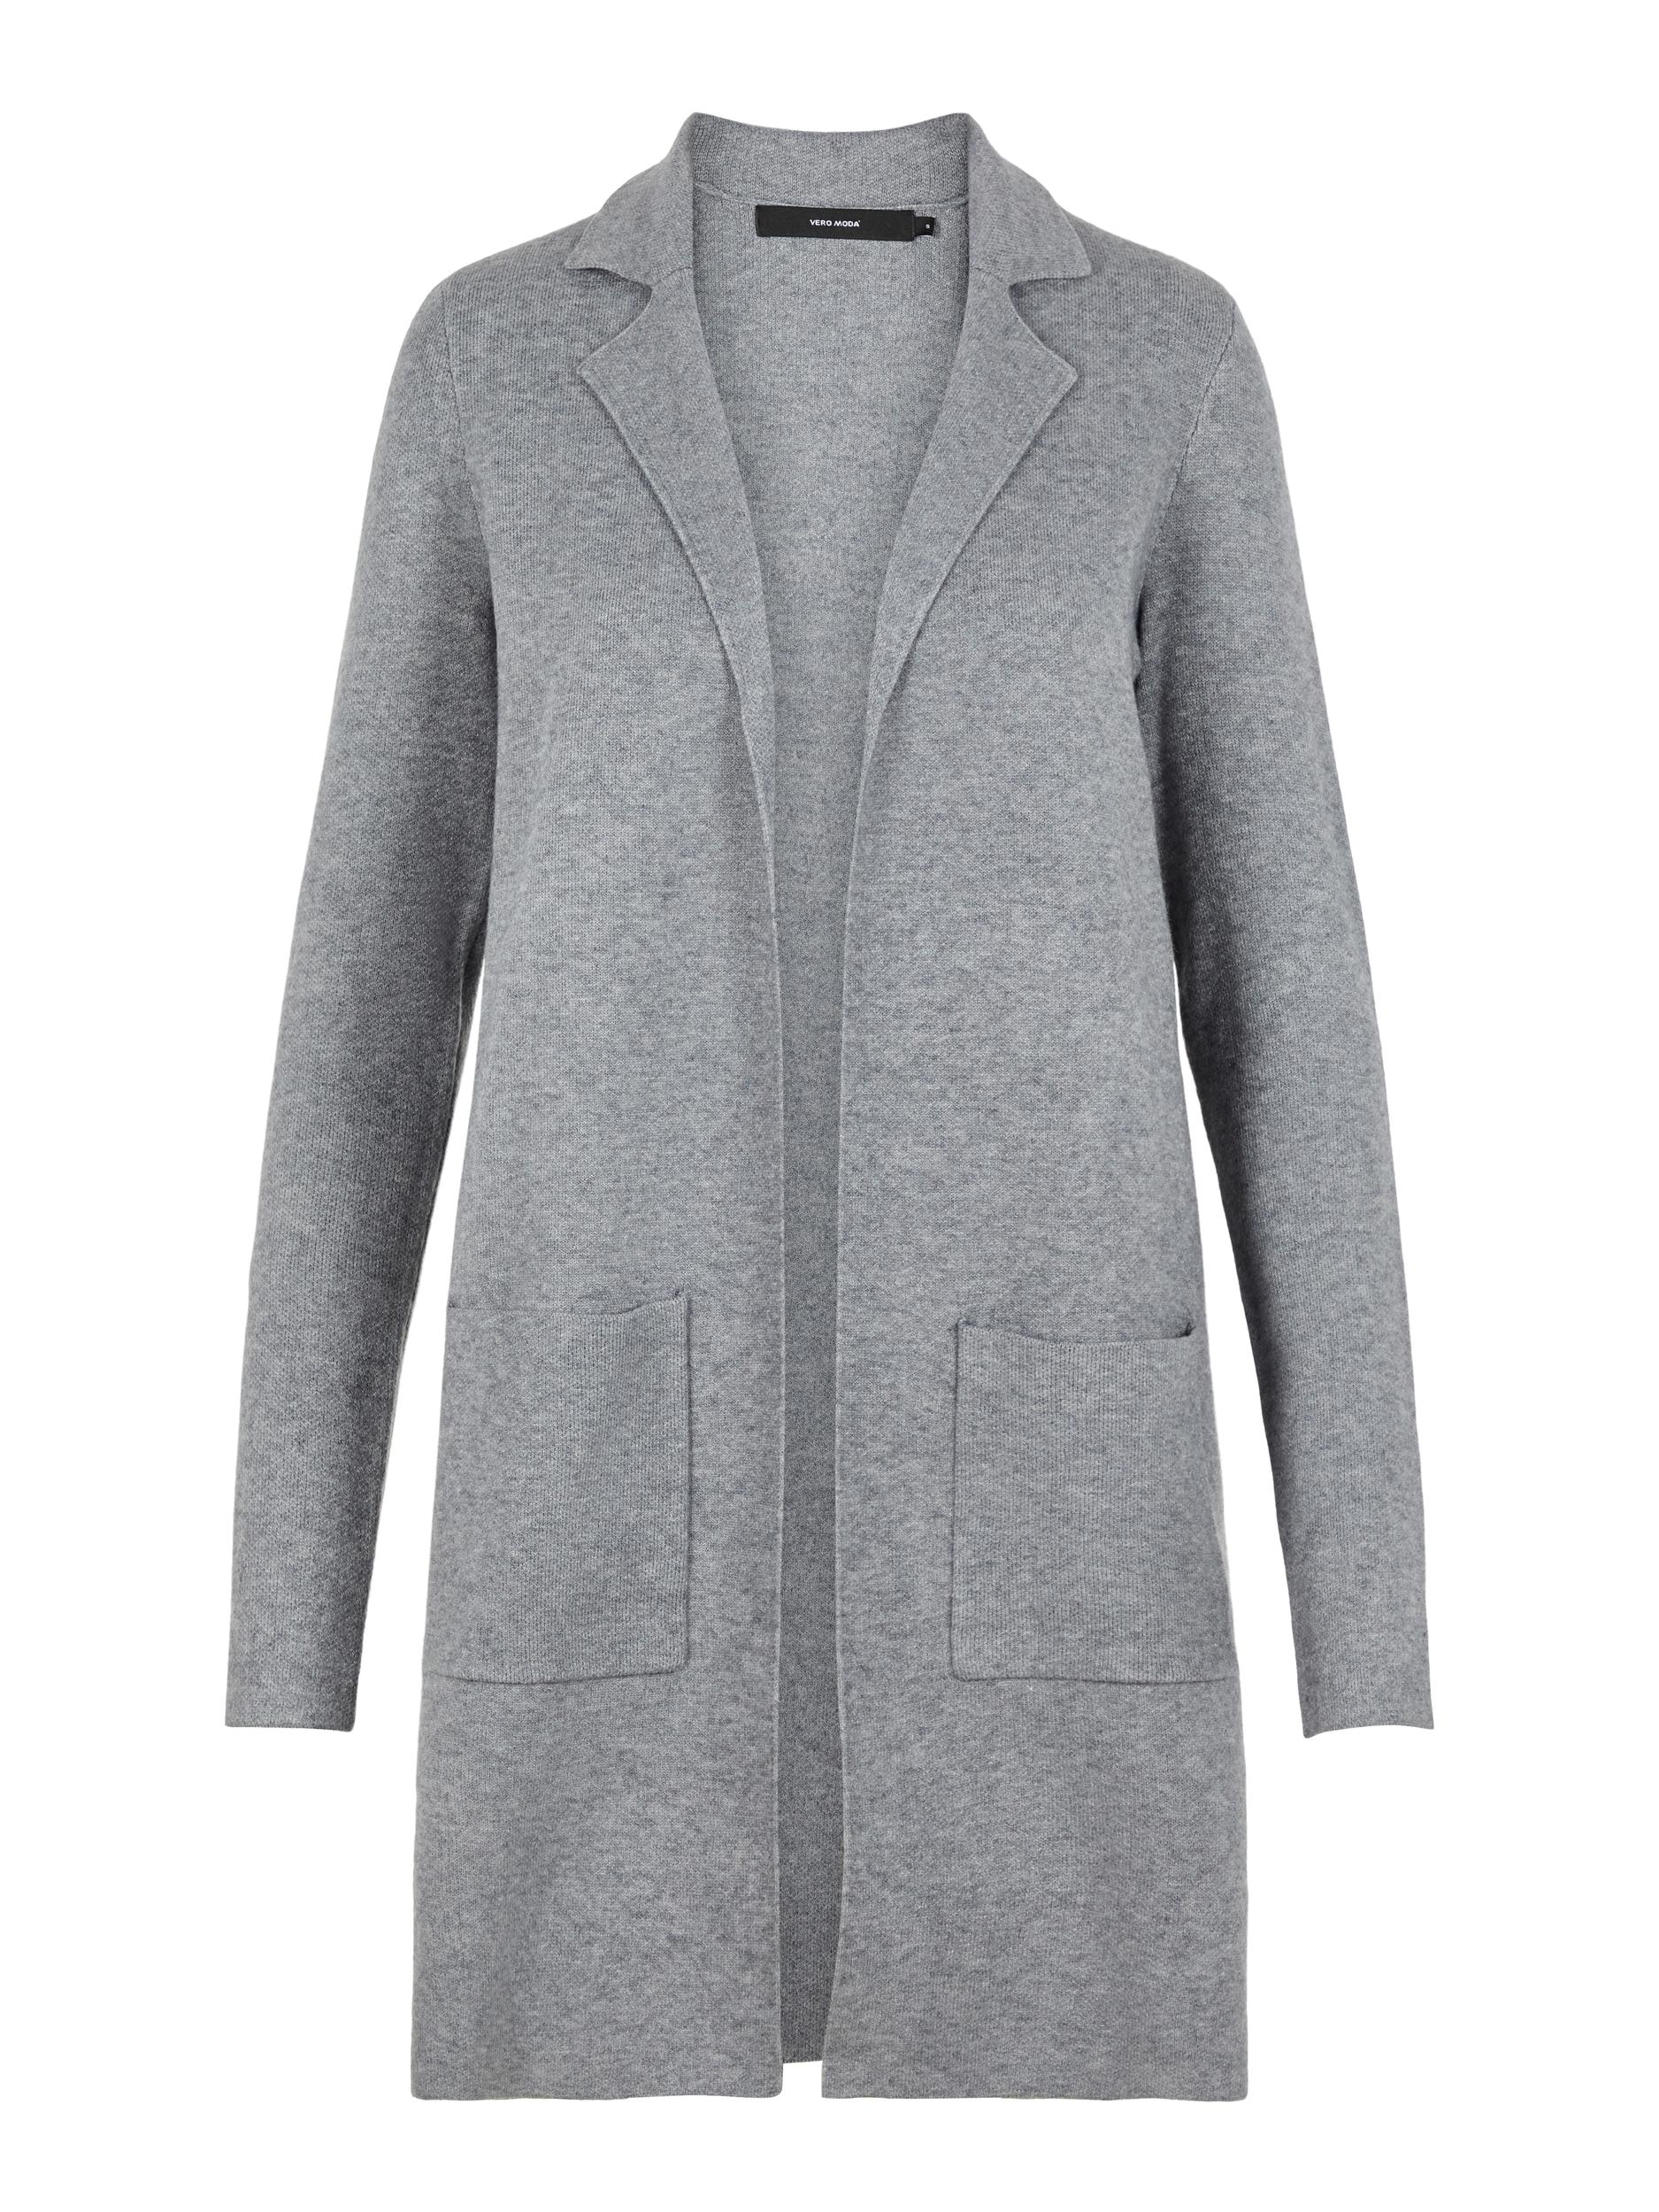 Vero Moda dámský pletený kardigan Tasty šedý